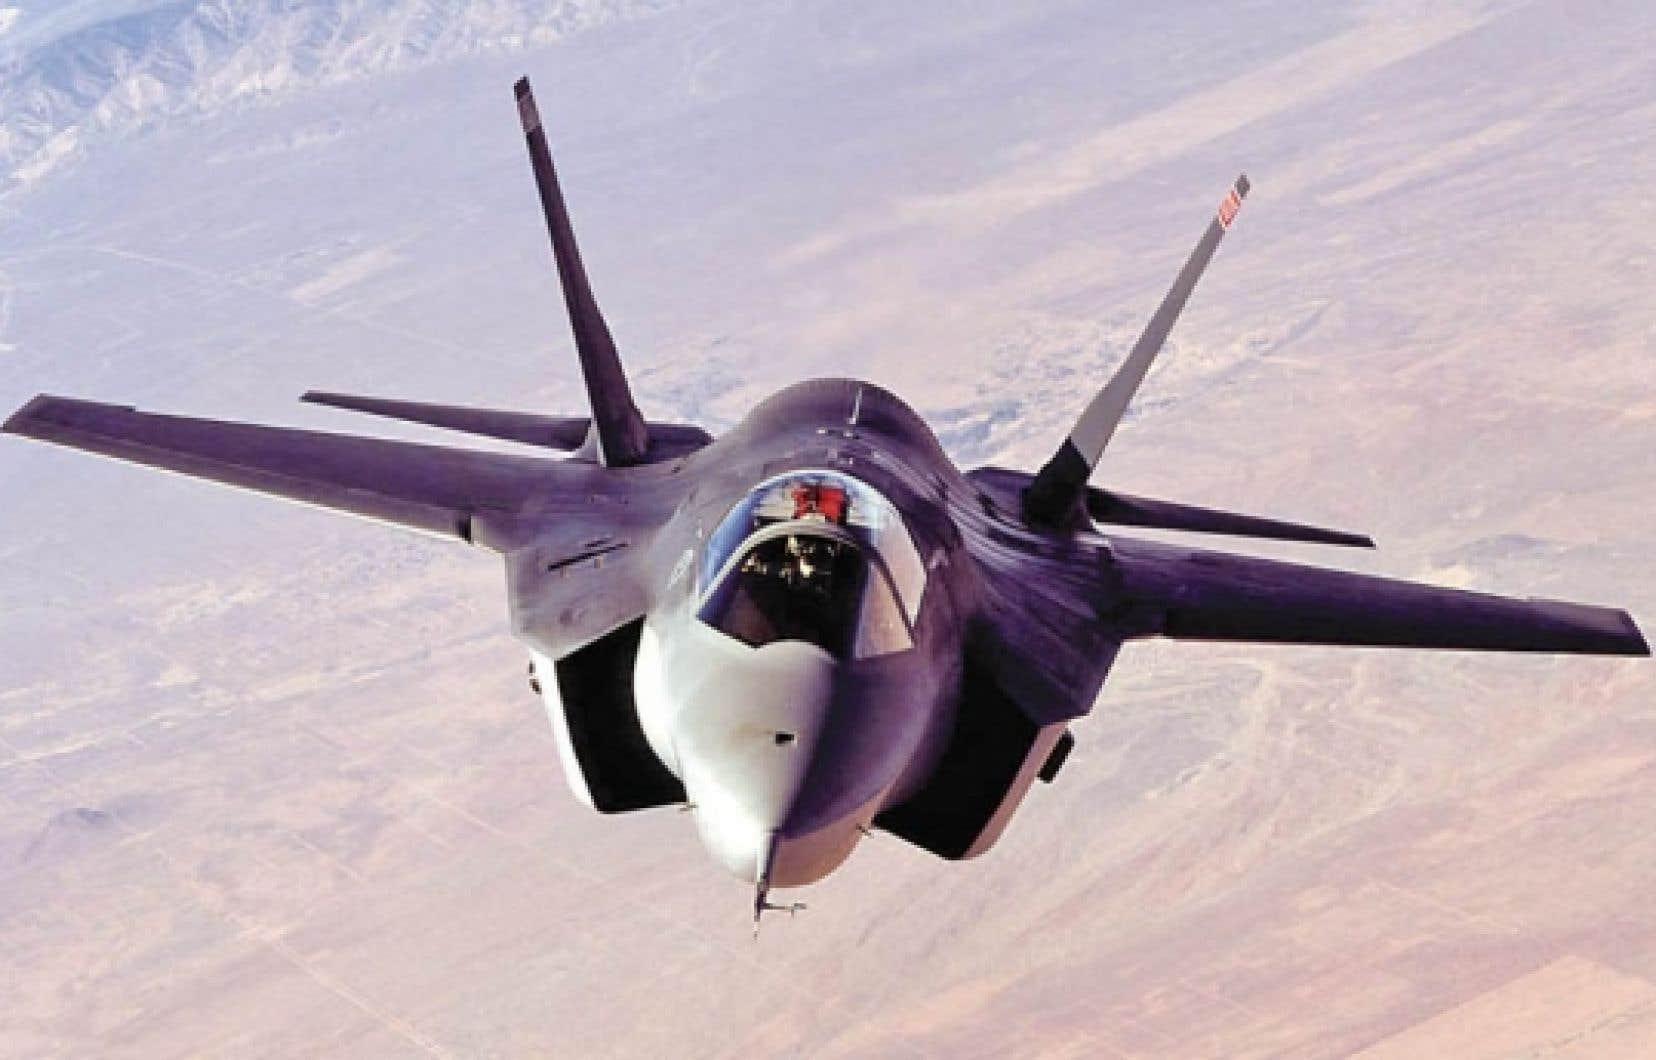 Ottawa veut accorder un contrat de 9 milliards à Lockheed Martin sans soumettre l'entente à la Politique des retombées industrielles et régionales.<br />